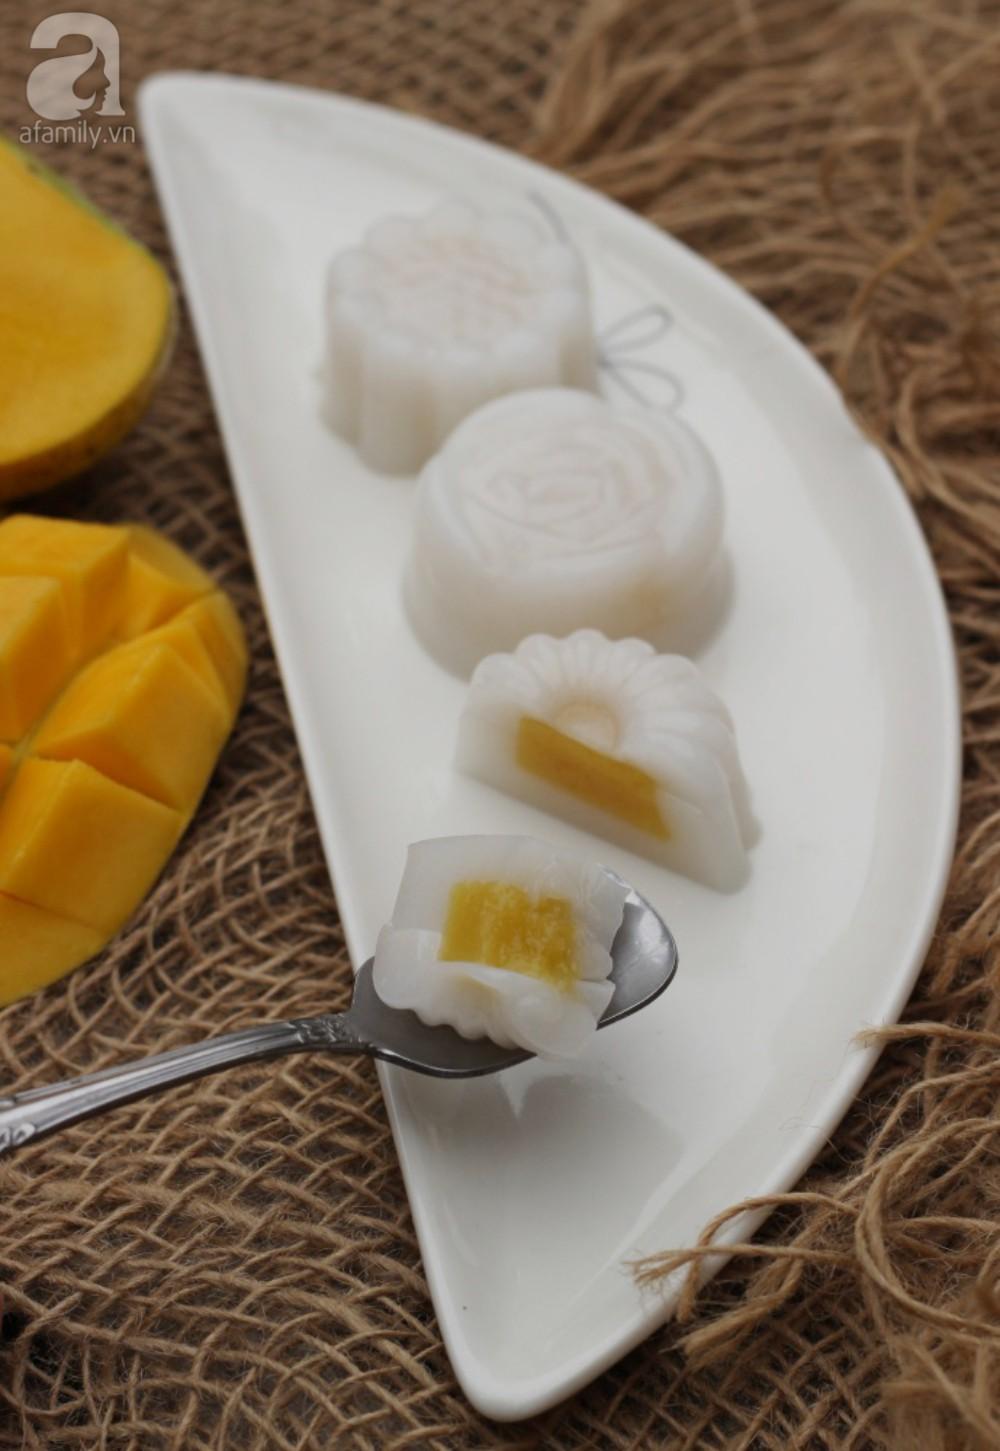 Bí quyết làm món thạch dừa xoài thơm ngon ai ăn cũng mê - Ảnh 11.